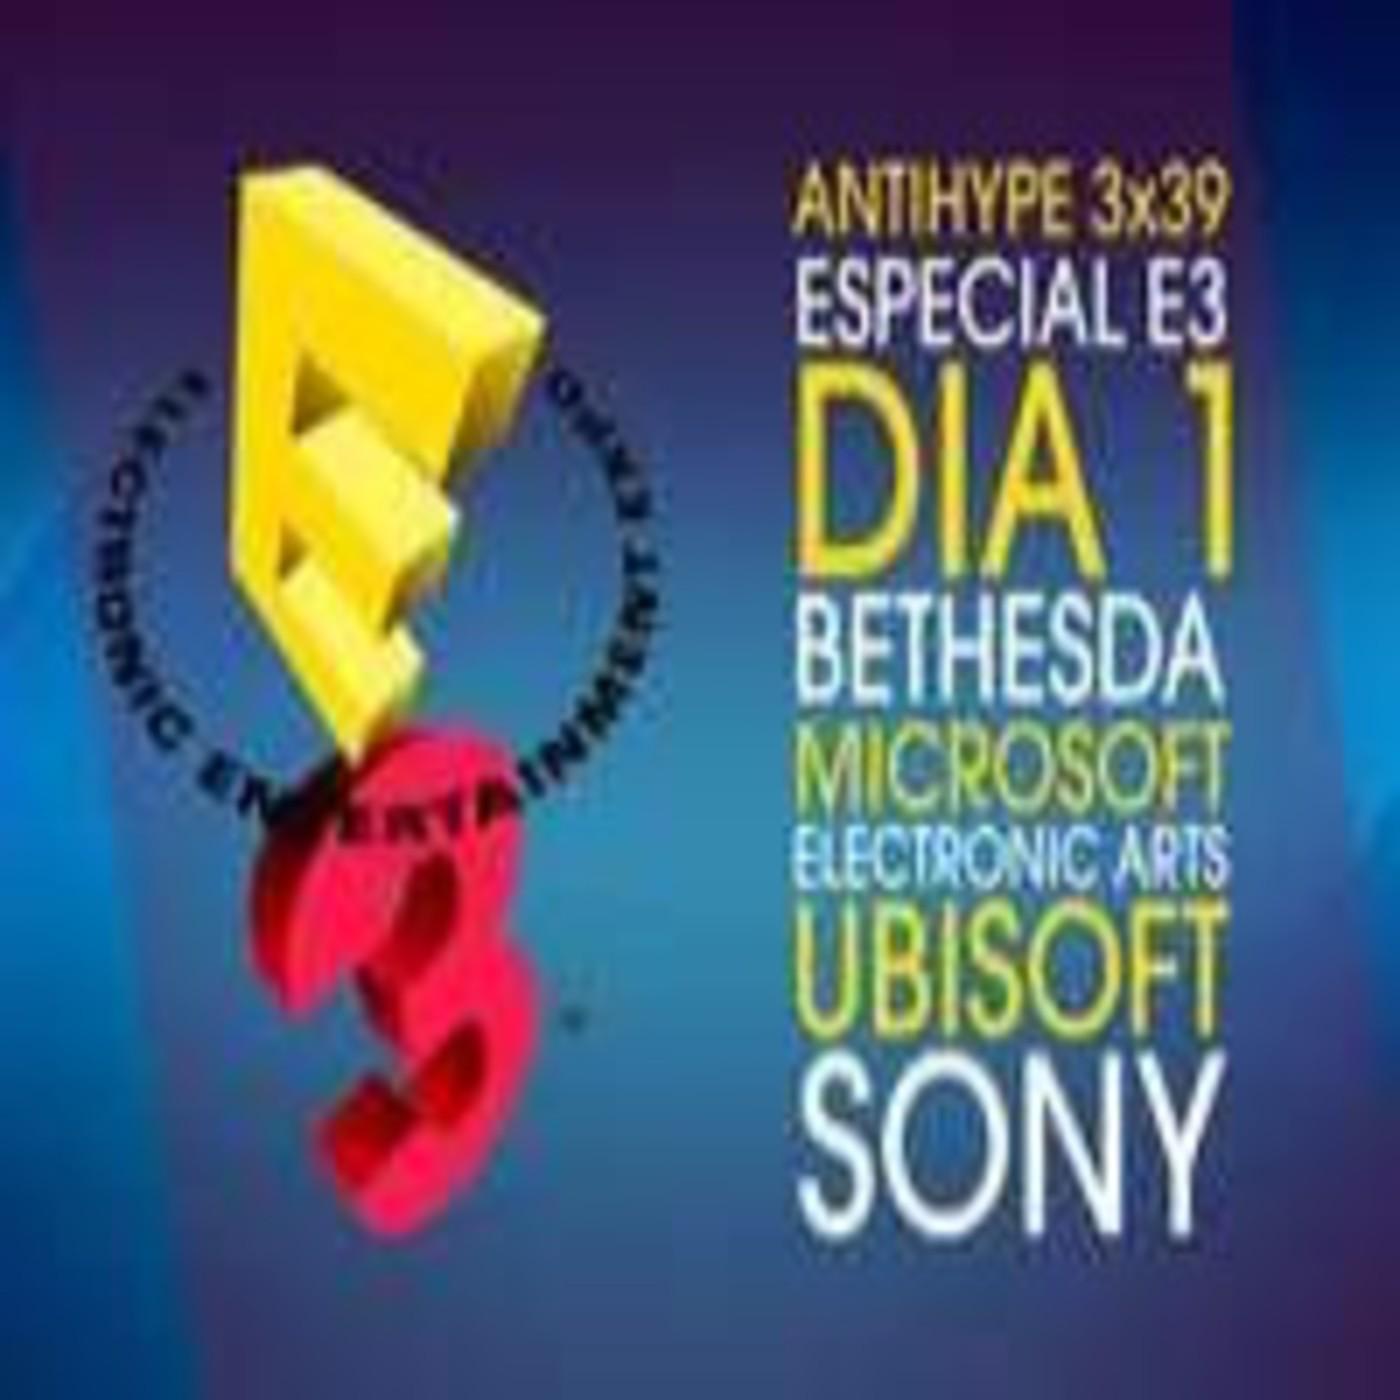 Antihype 3x39 Especial E3 2015 Día 1: Bethesda, Microsoft, Electronic Arts, Ubisoft, Sony